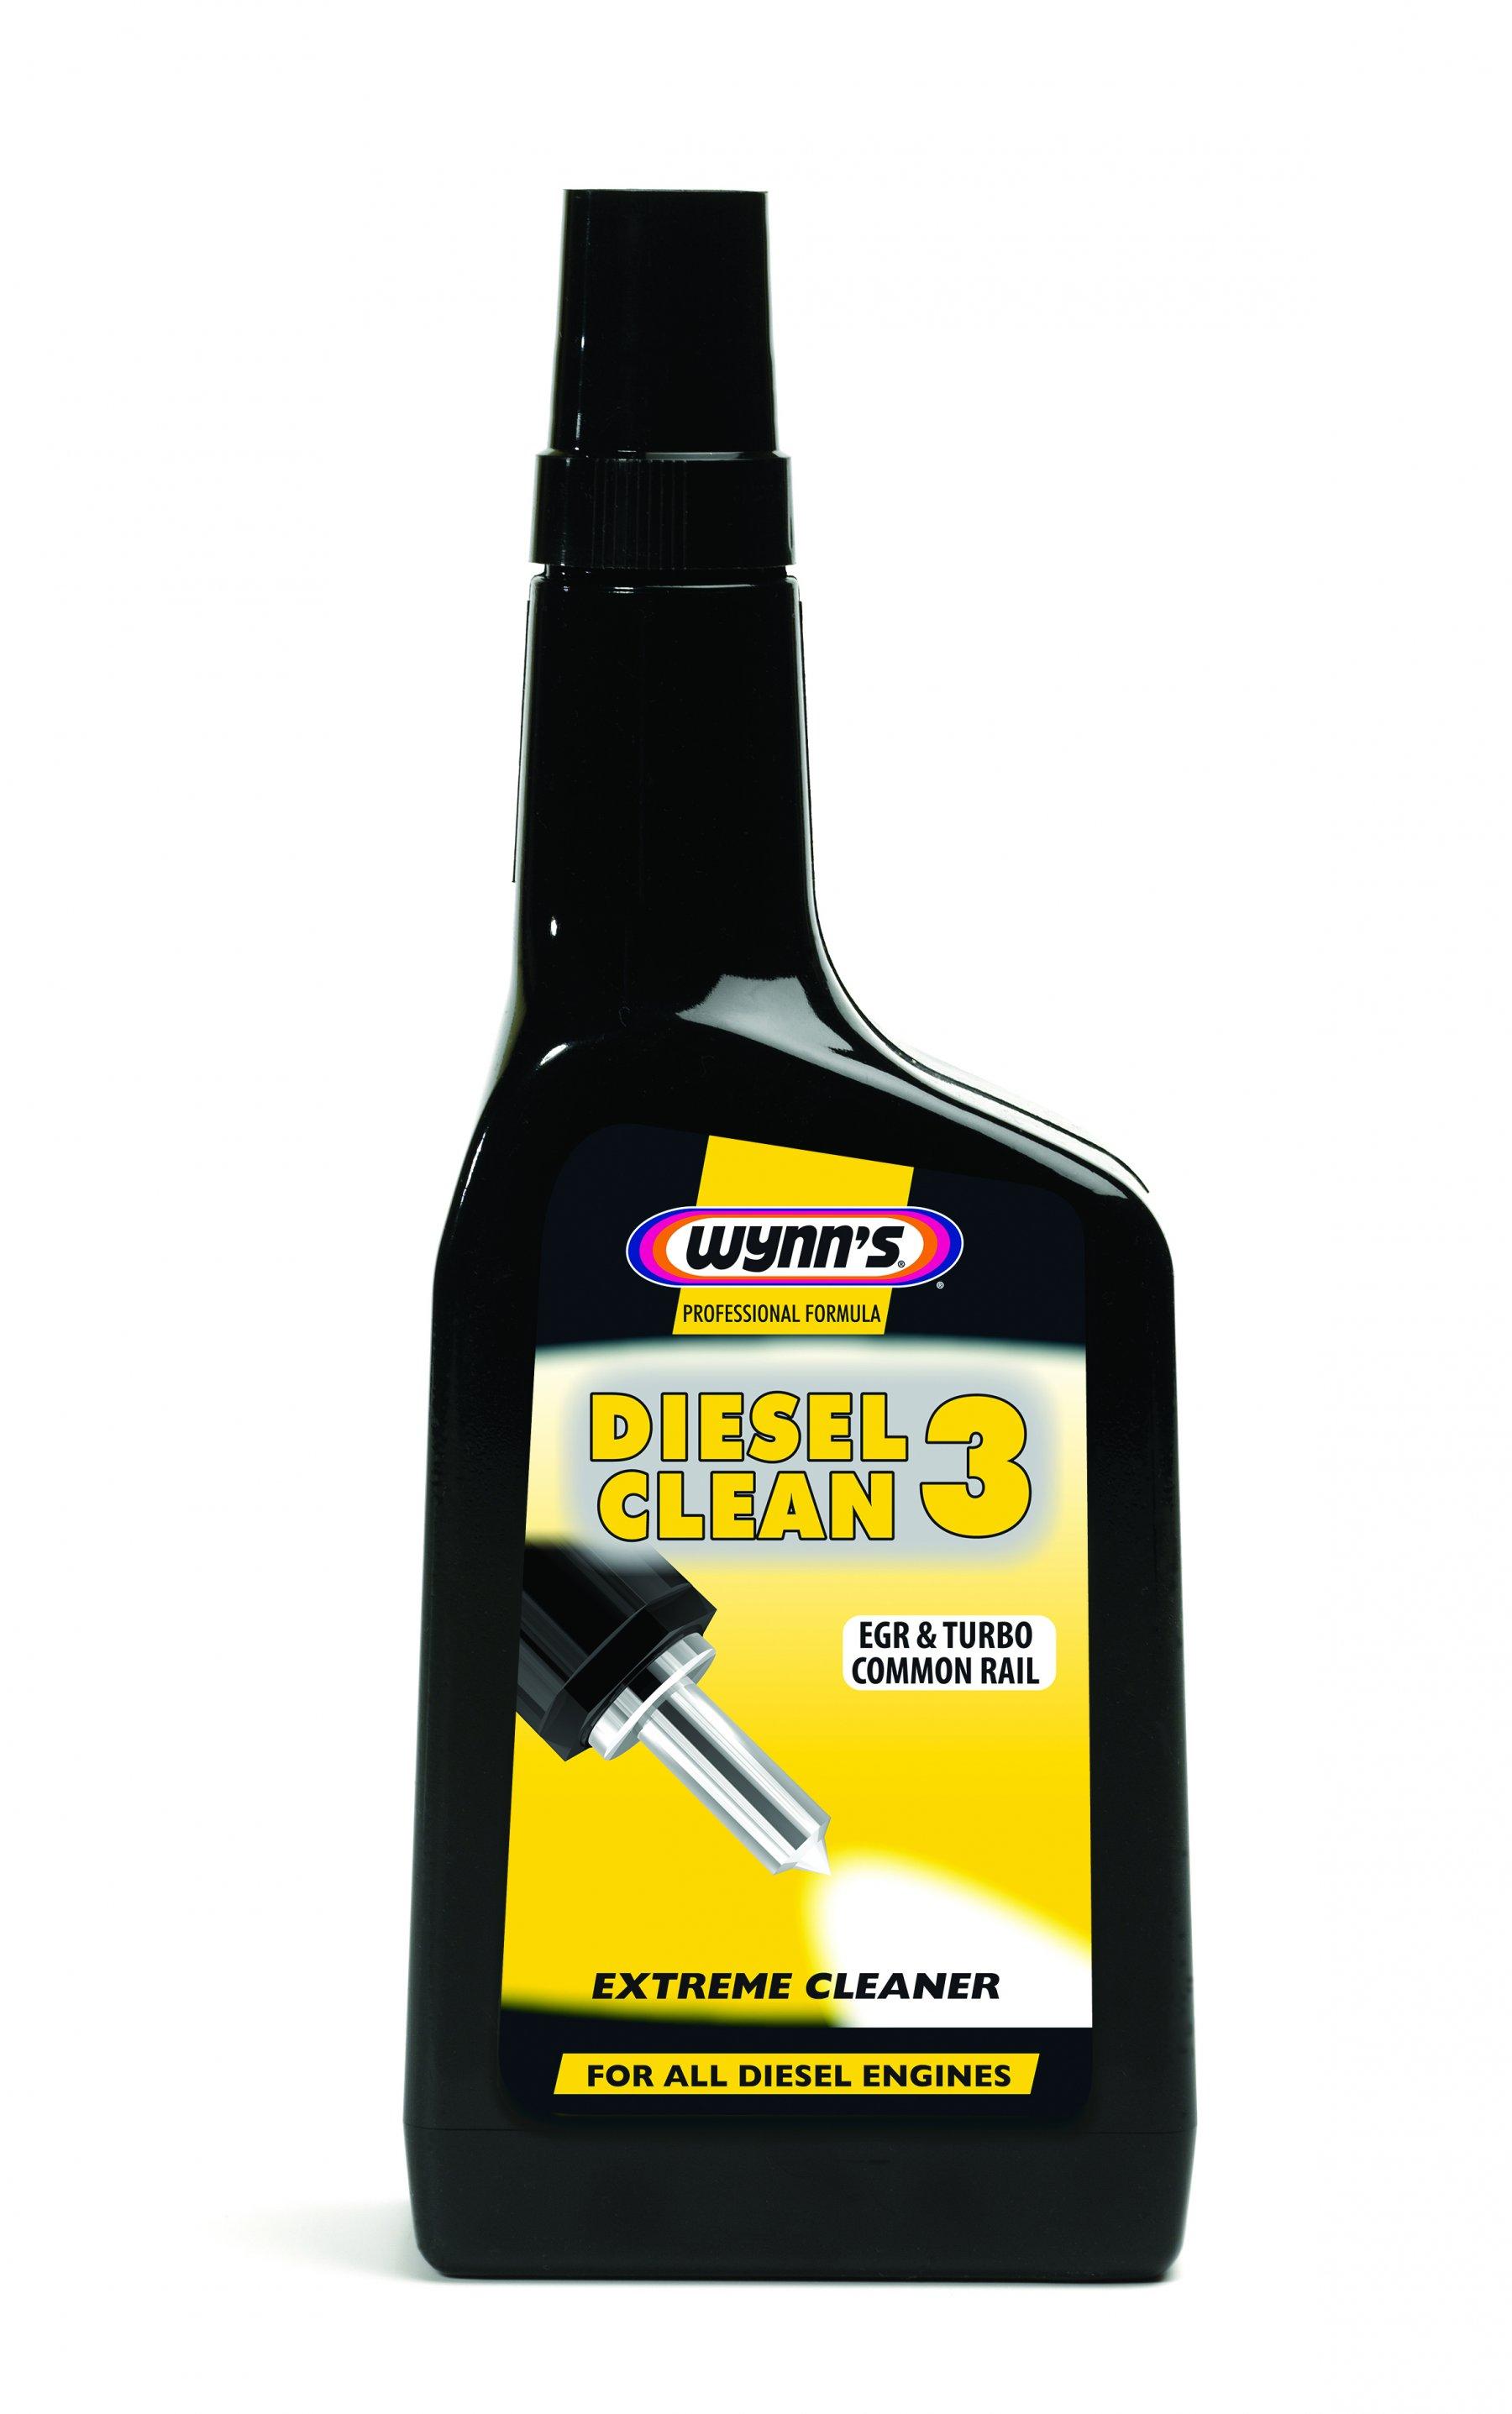 Wynns Diesel Clean 3